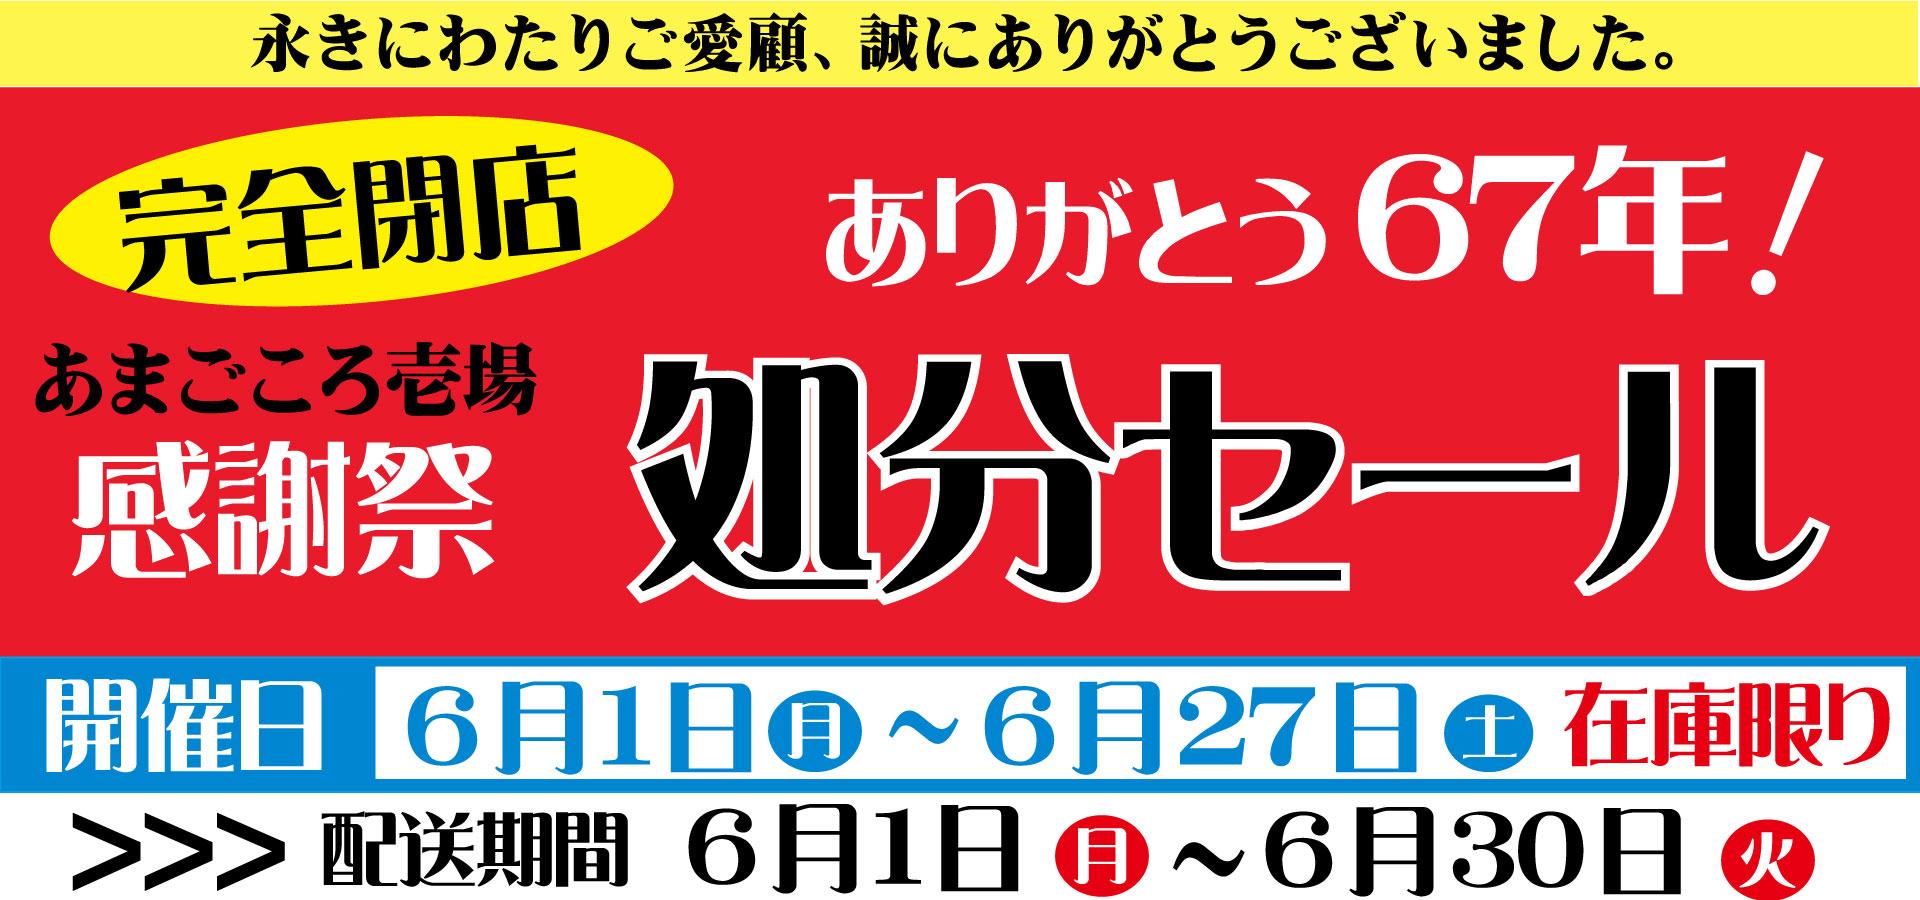 2020年壱岐おせち4段重 受付は12月9日(月)まで!!